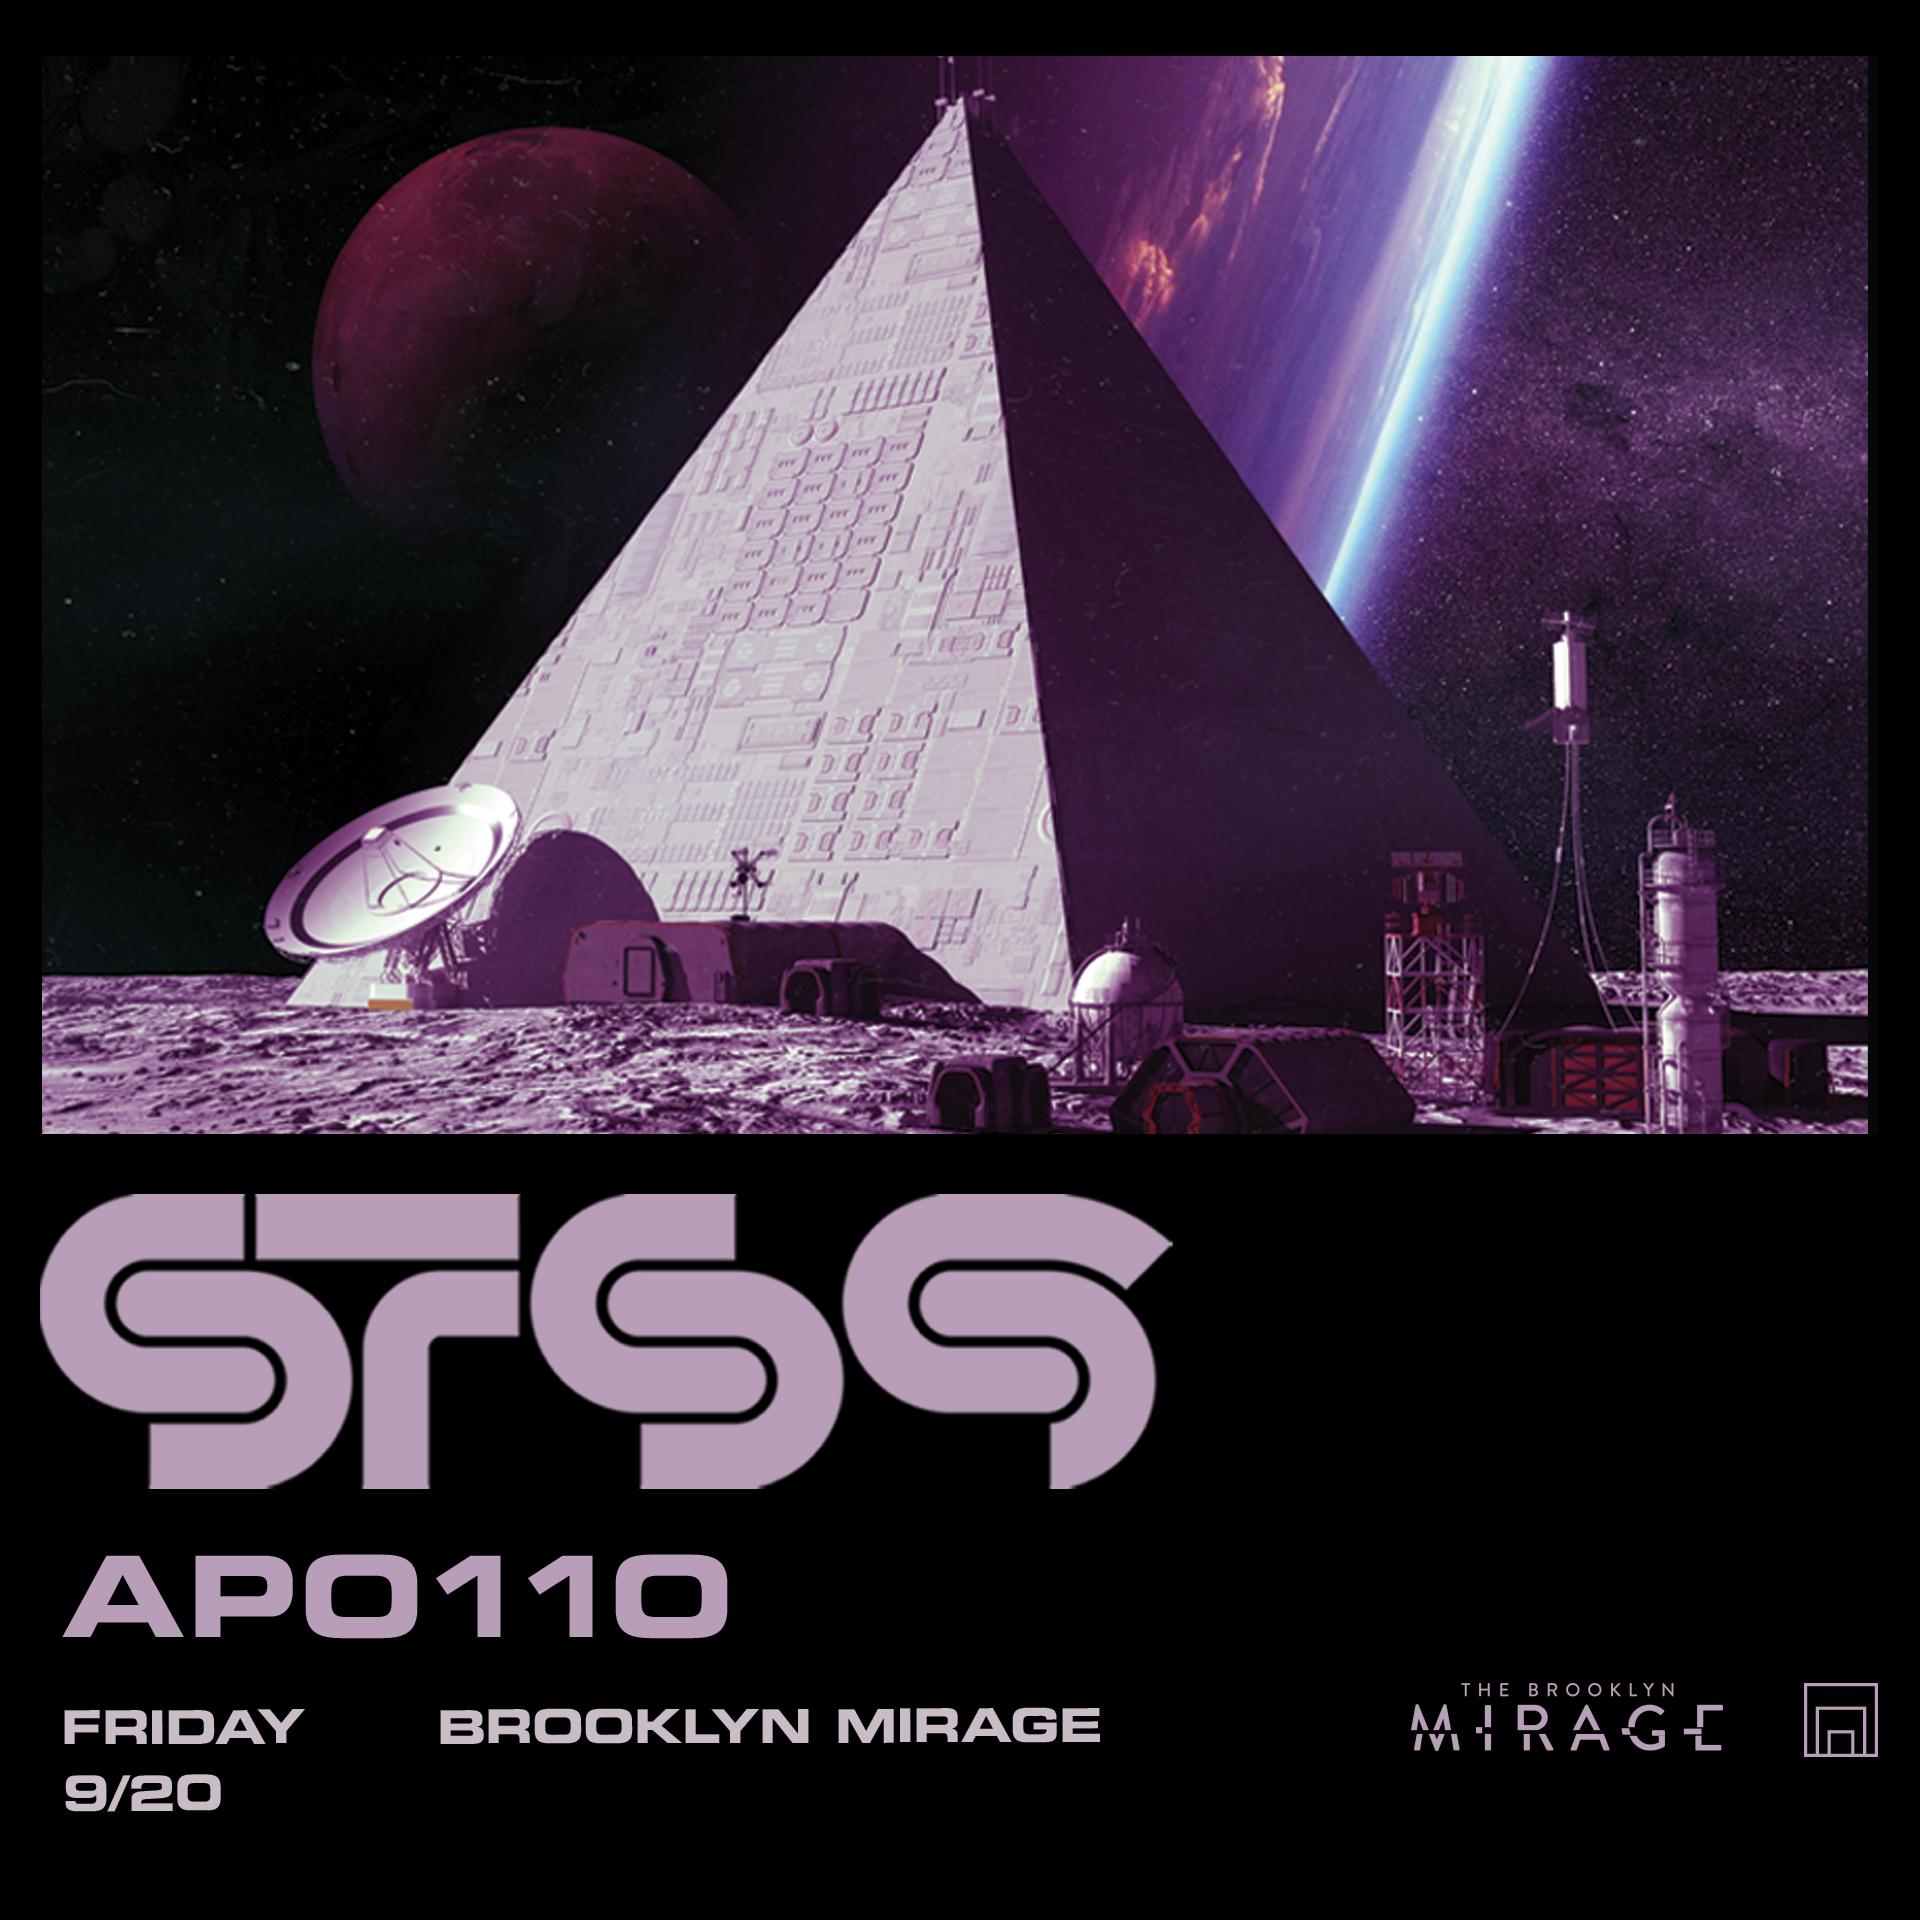 STS9 Brooklyn Mirage